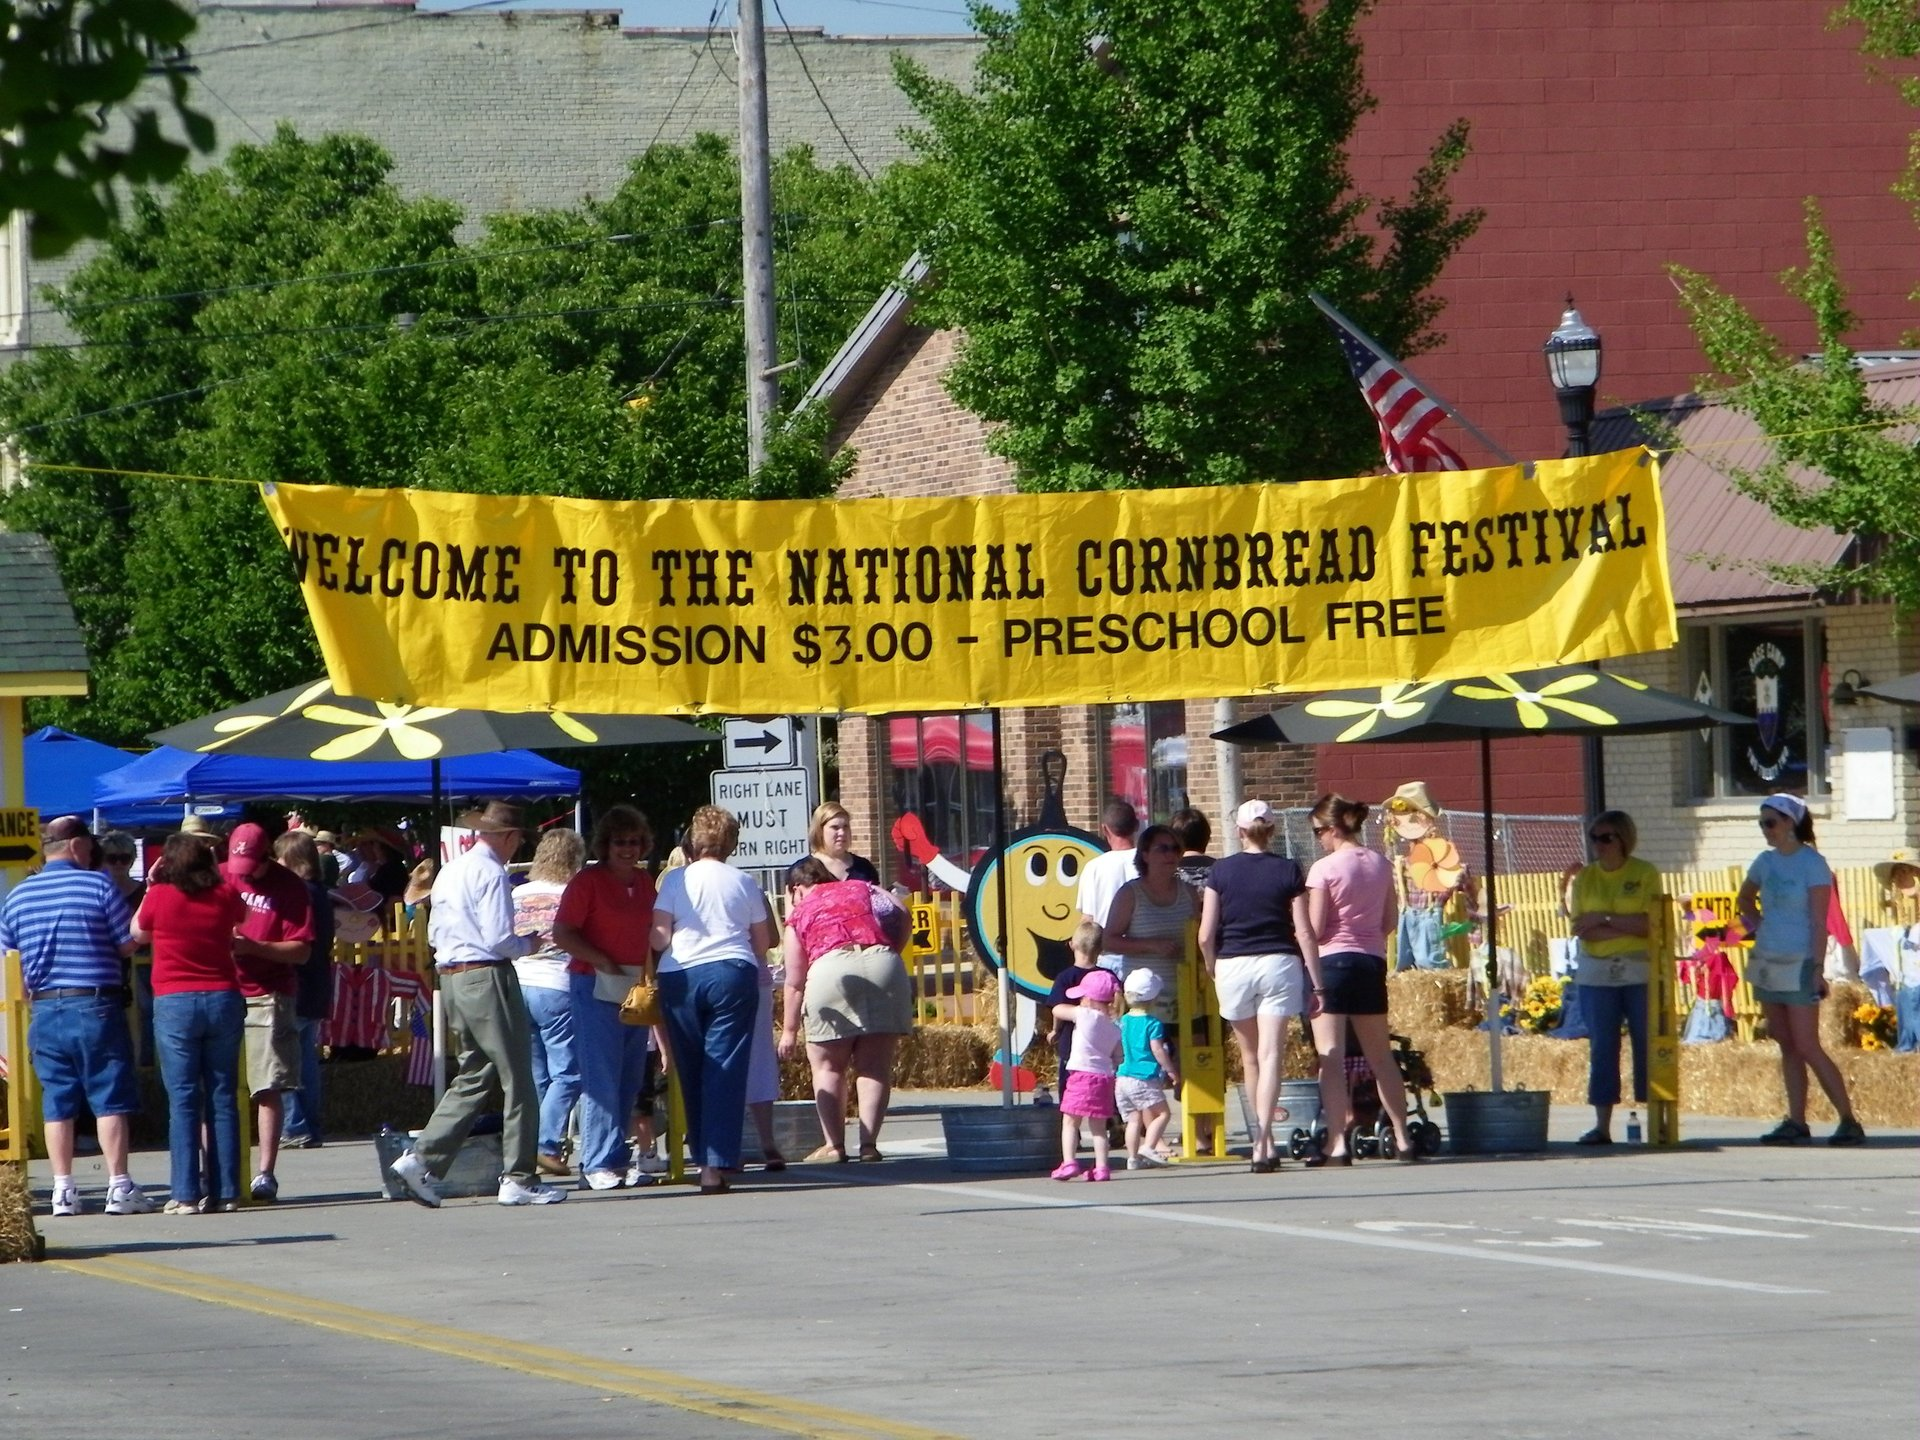 National Cornbread Festival in Tennessee - Best Season 2020